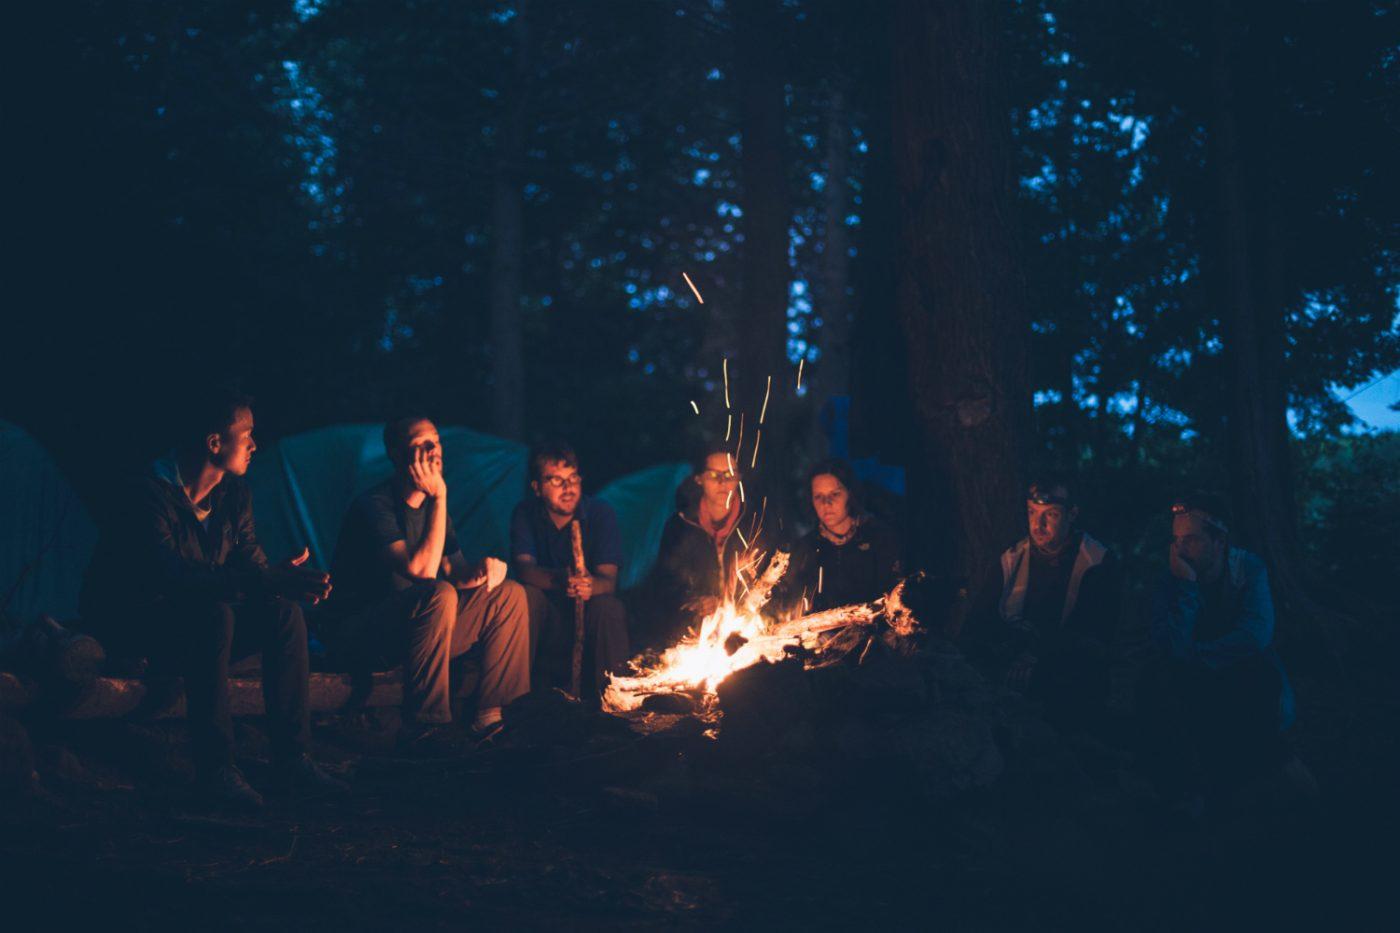 Eine Gruppe von Menschen sitzt um ein Lagerfeuer. Im Hintergrund sind Zelte zu sehen.